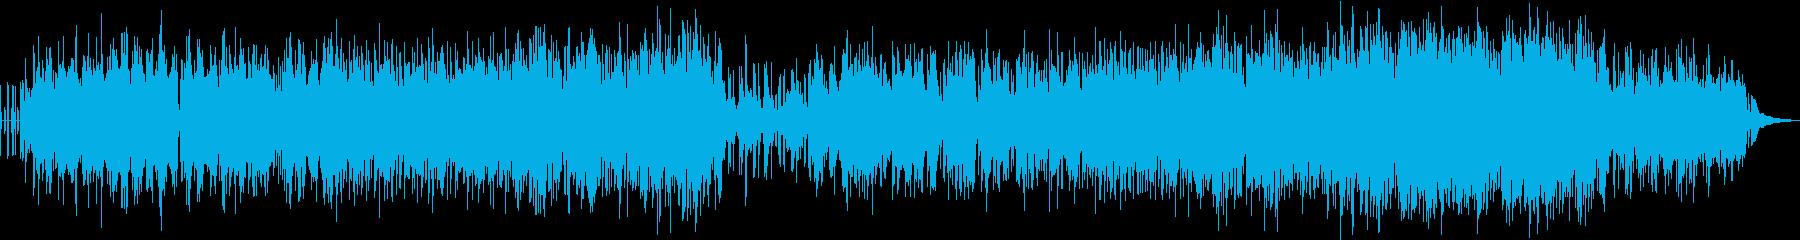 切ない雰囲気のエレクトロピアノポップの再生済みの波形